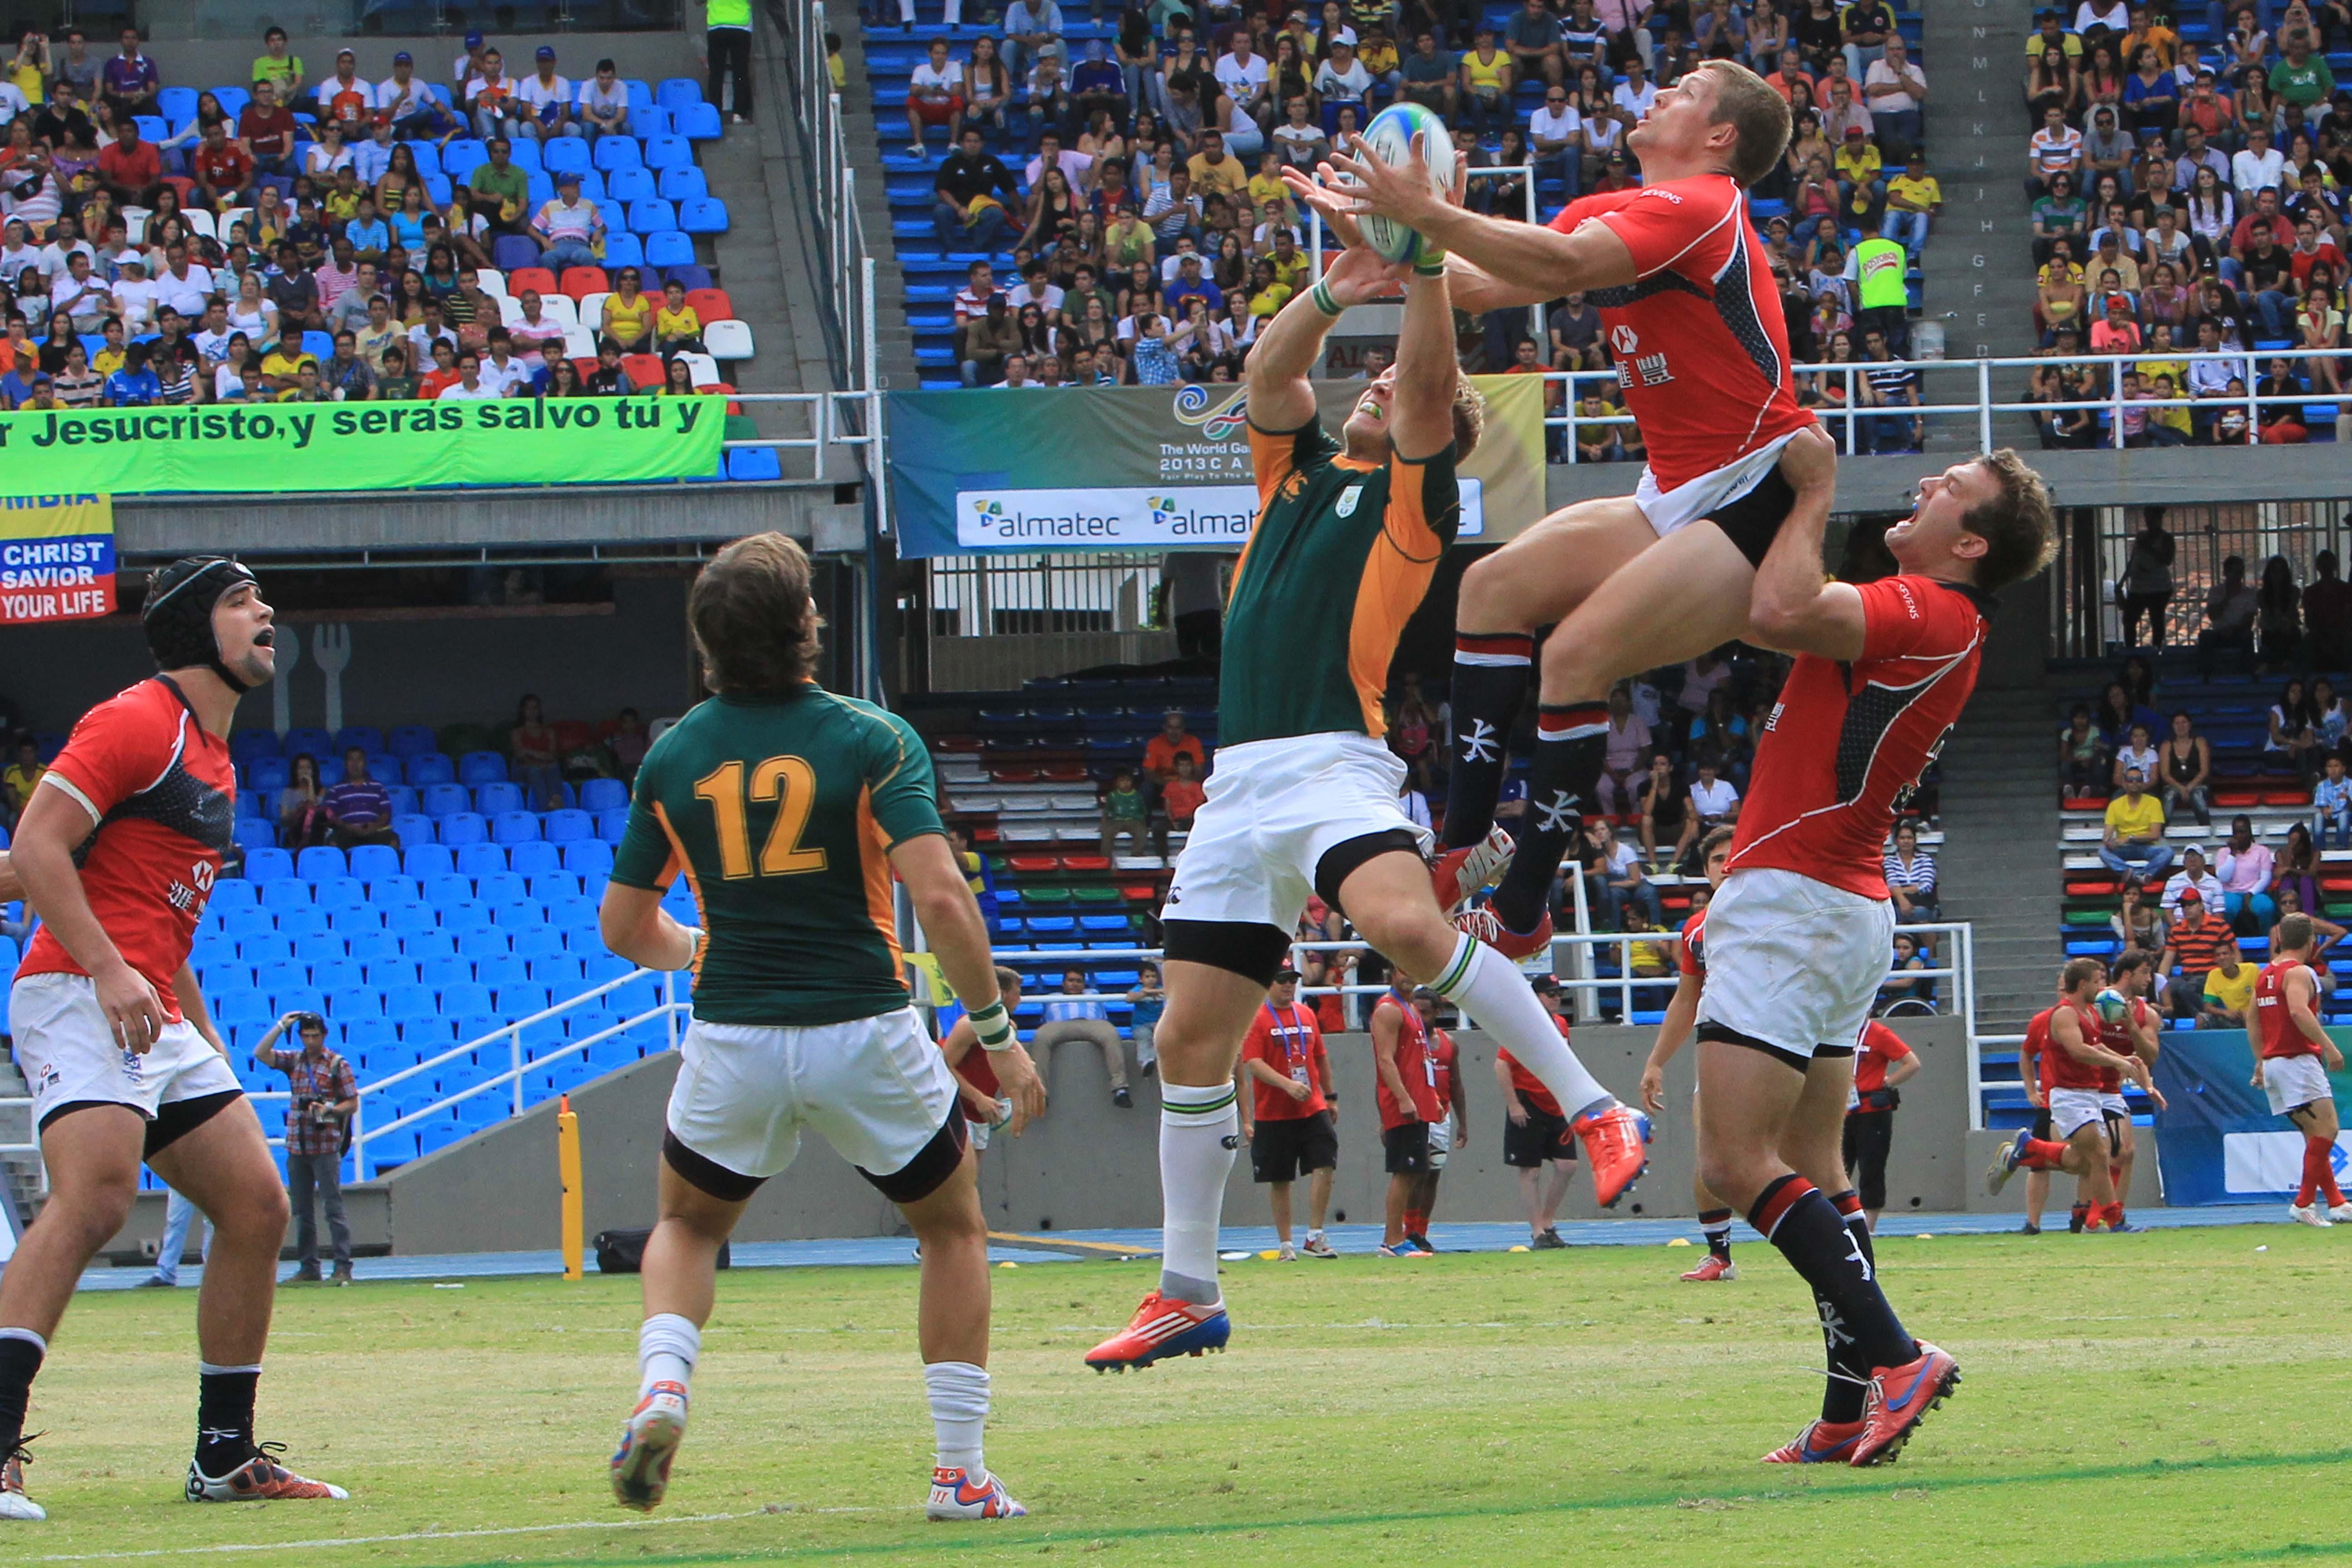 El rugby 7 hace vibrar a los asitentes en el Pascual Guerrero